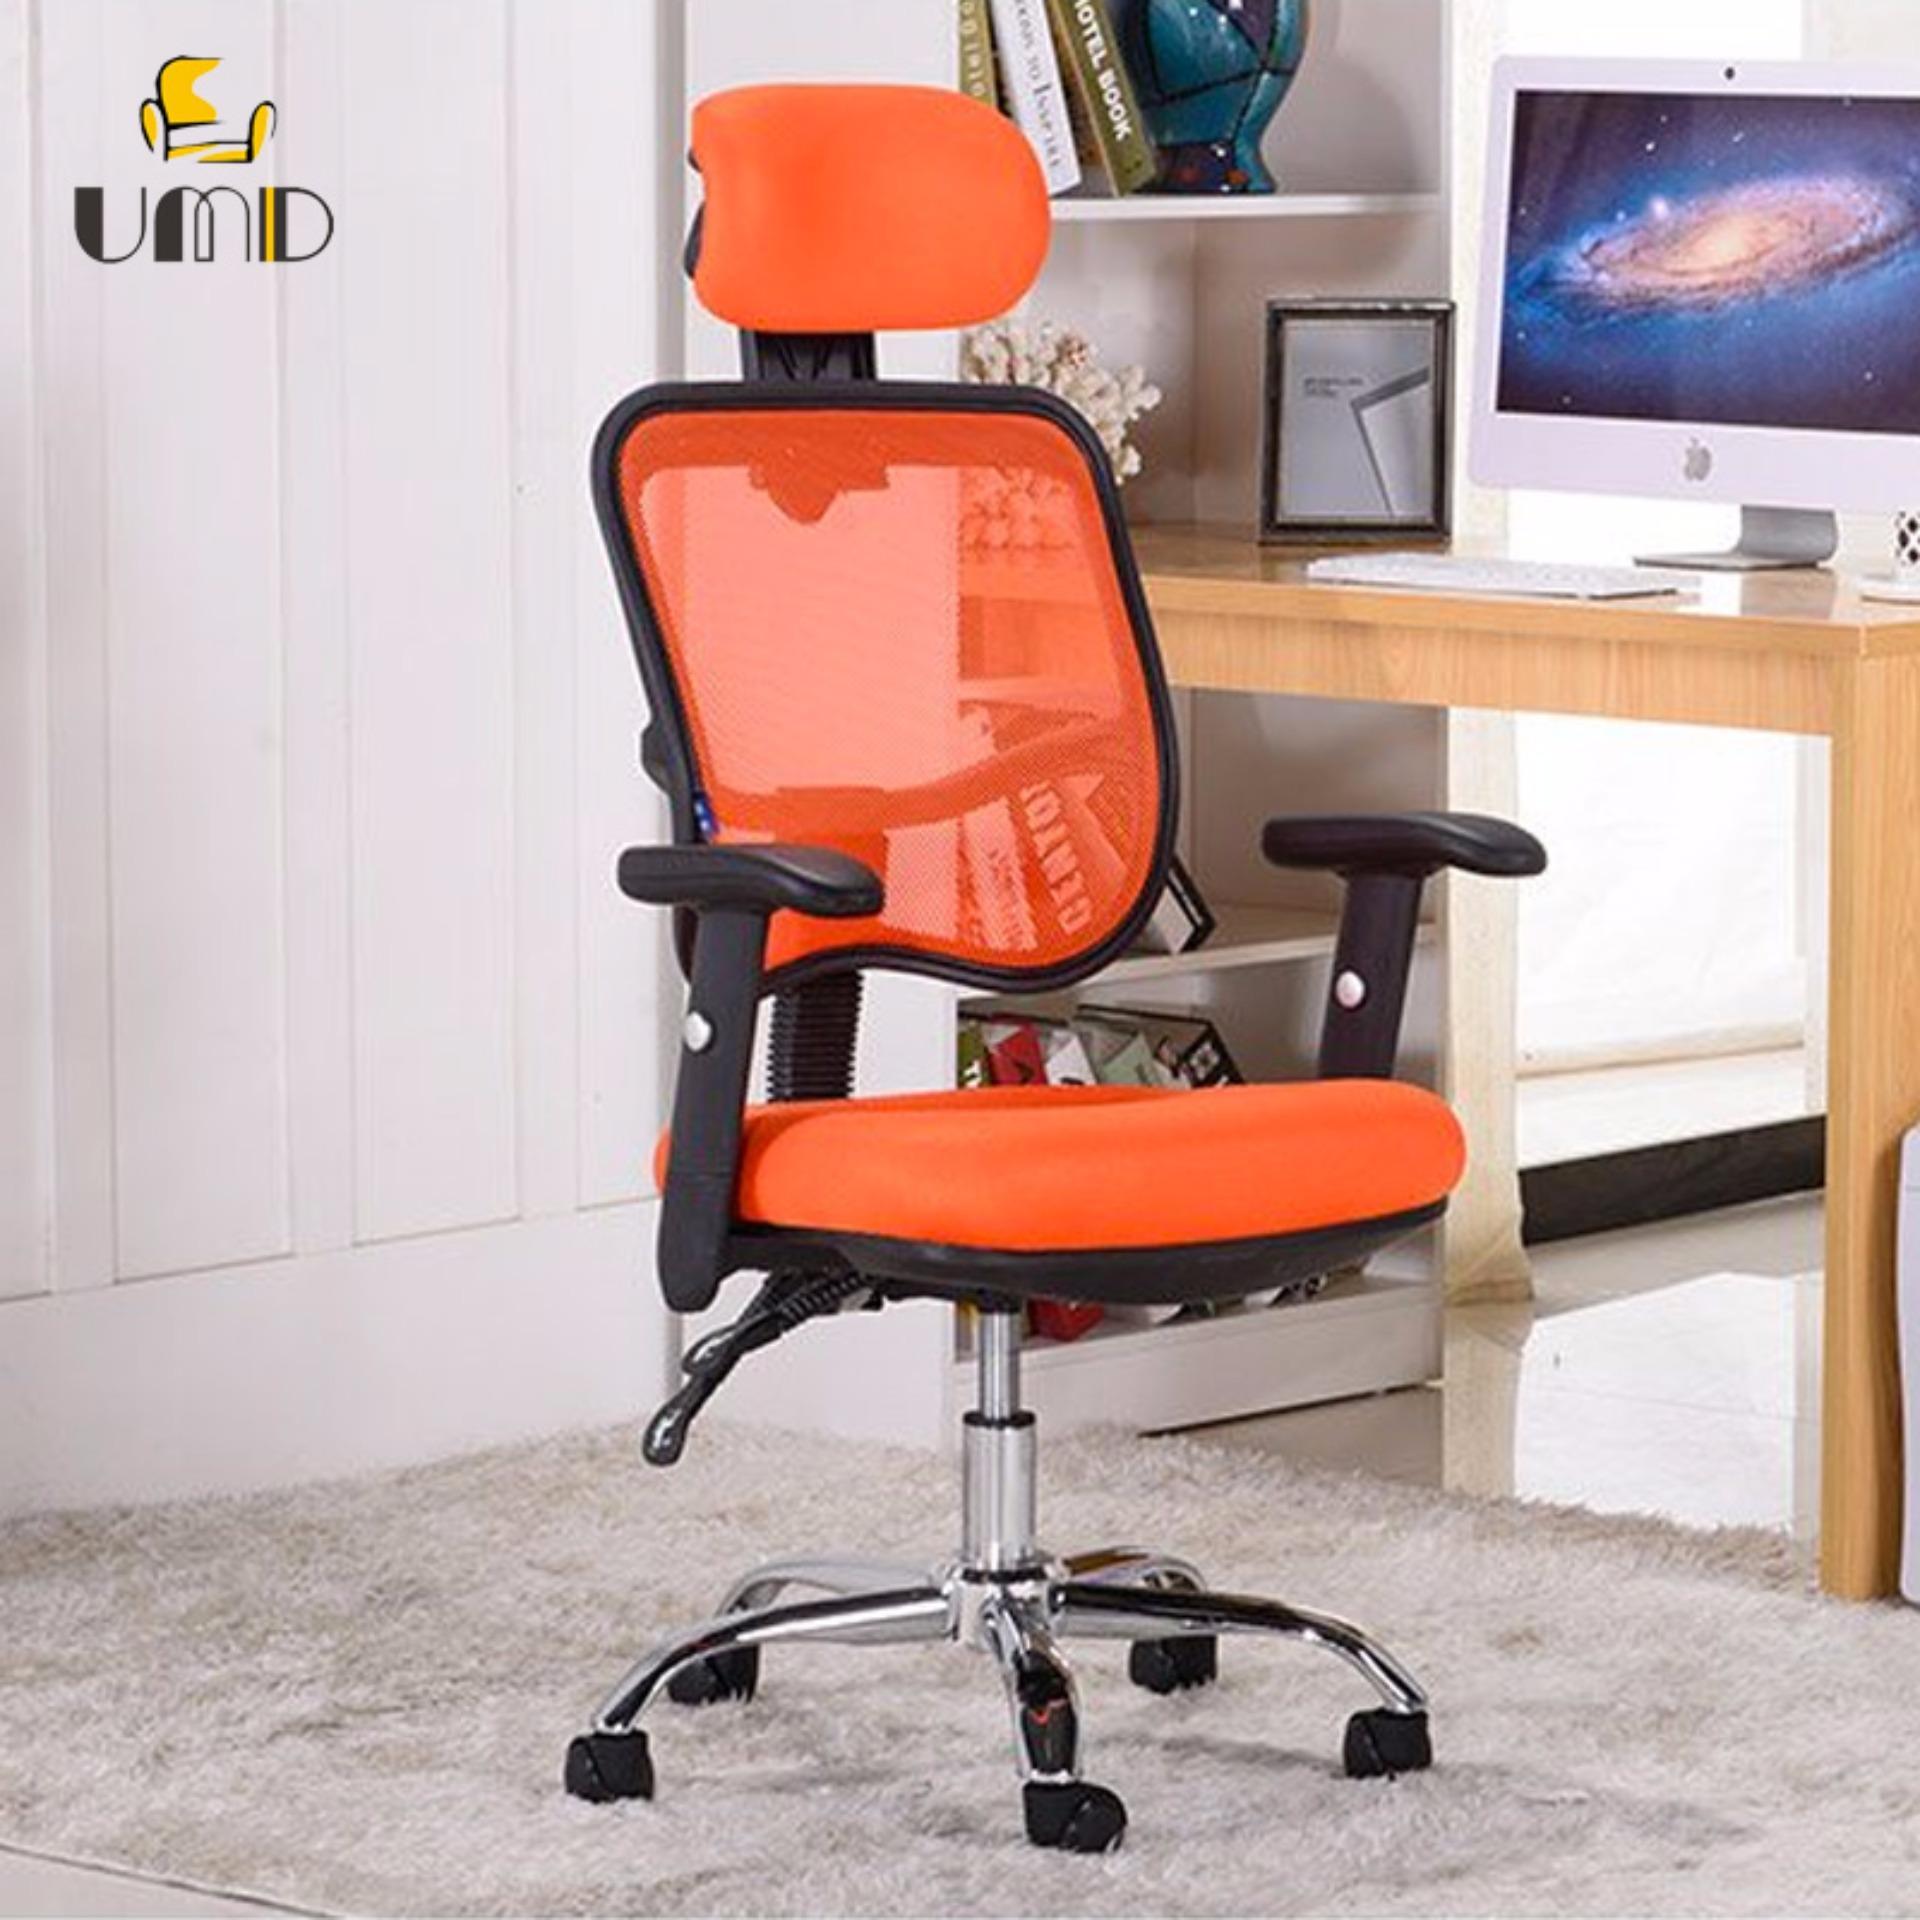 Umd Ergonomic Mesh High Back Office Chair Swivel Tilt Lumbar Support J24 Orange Singapore